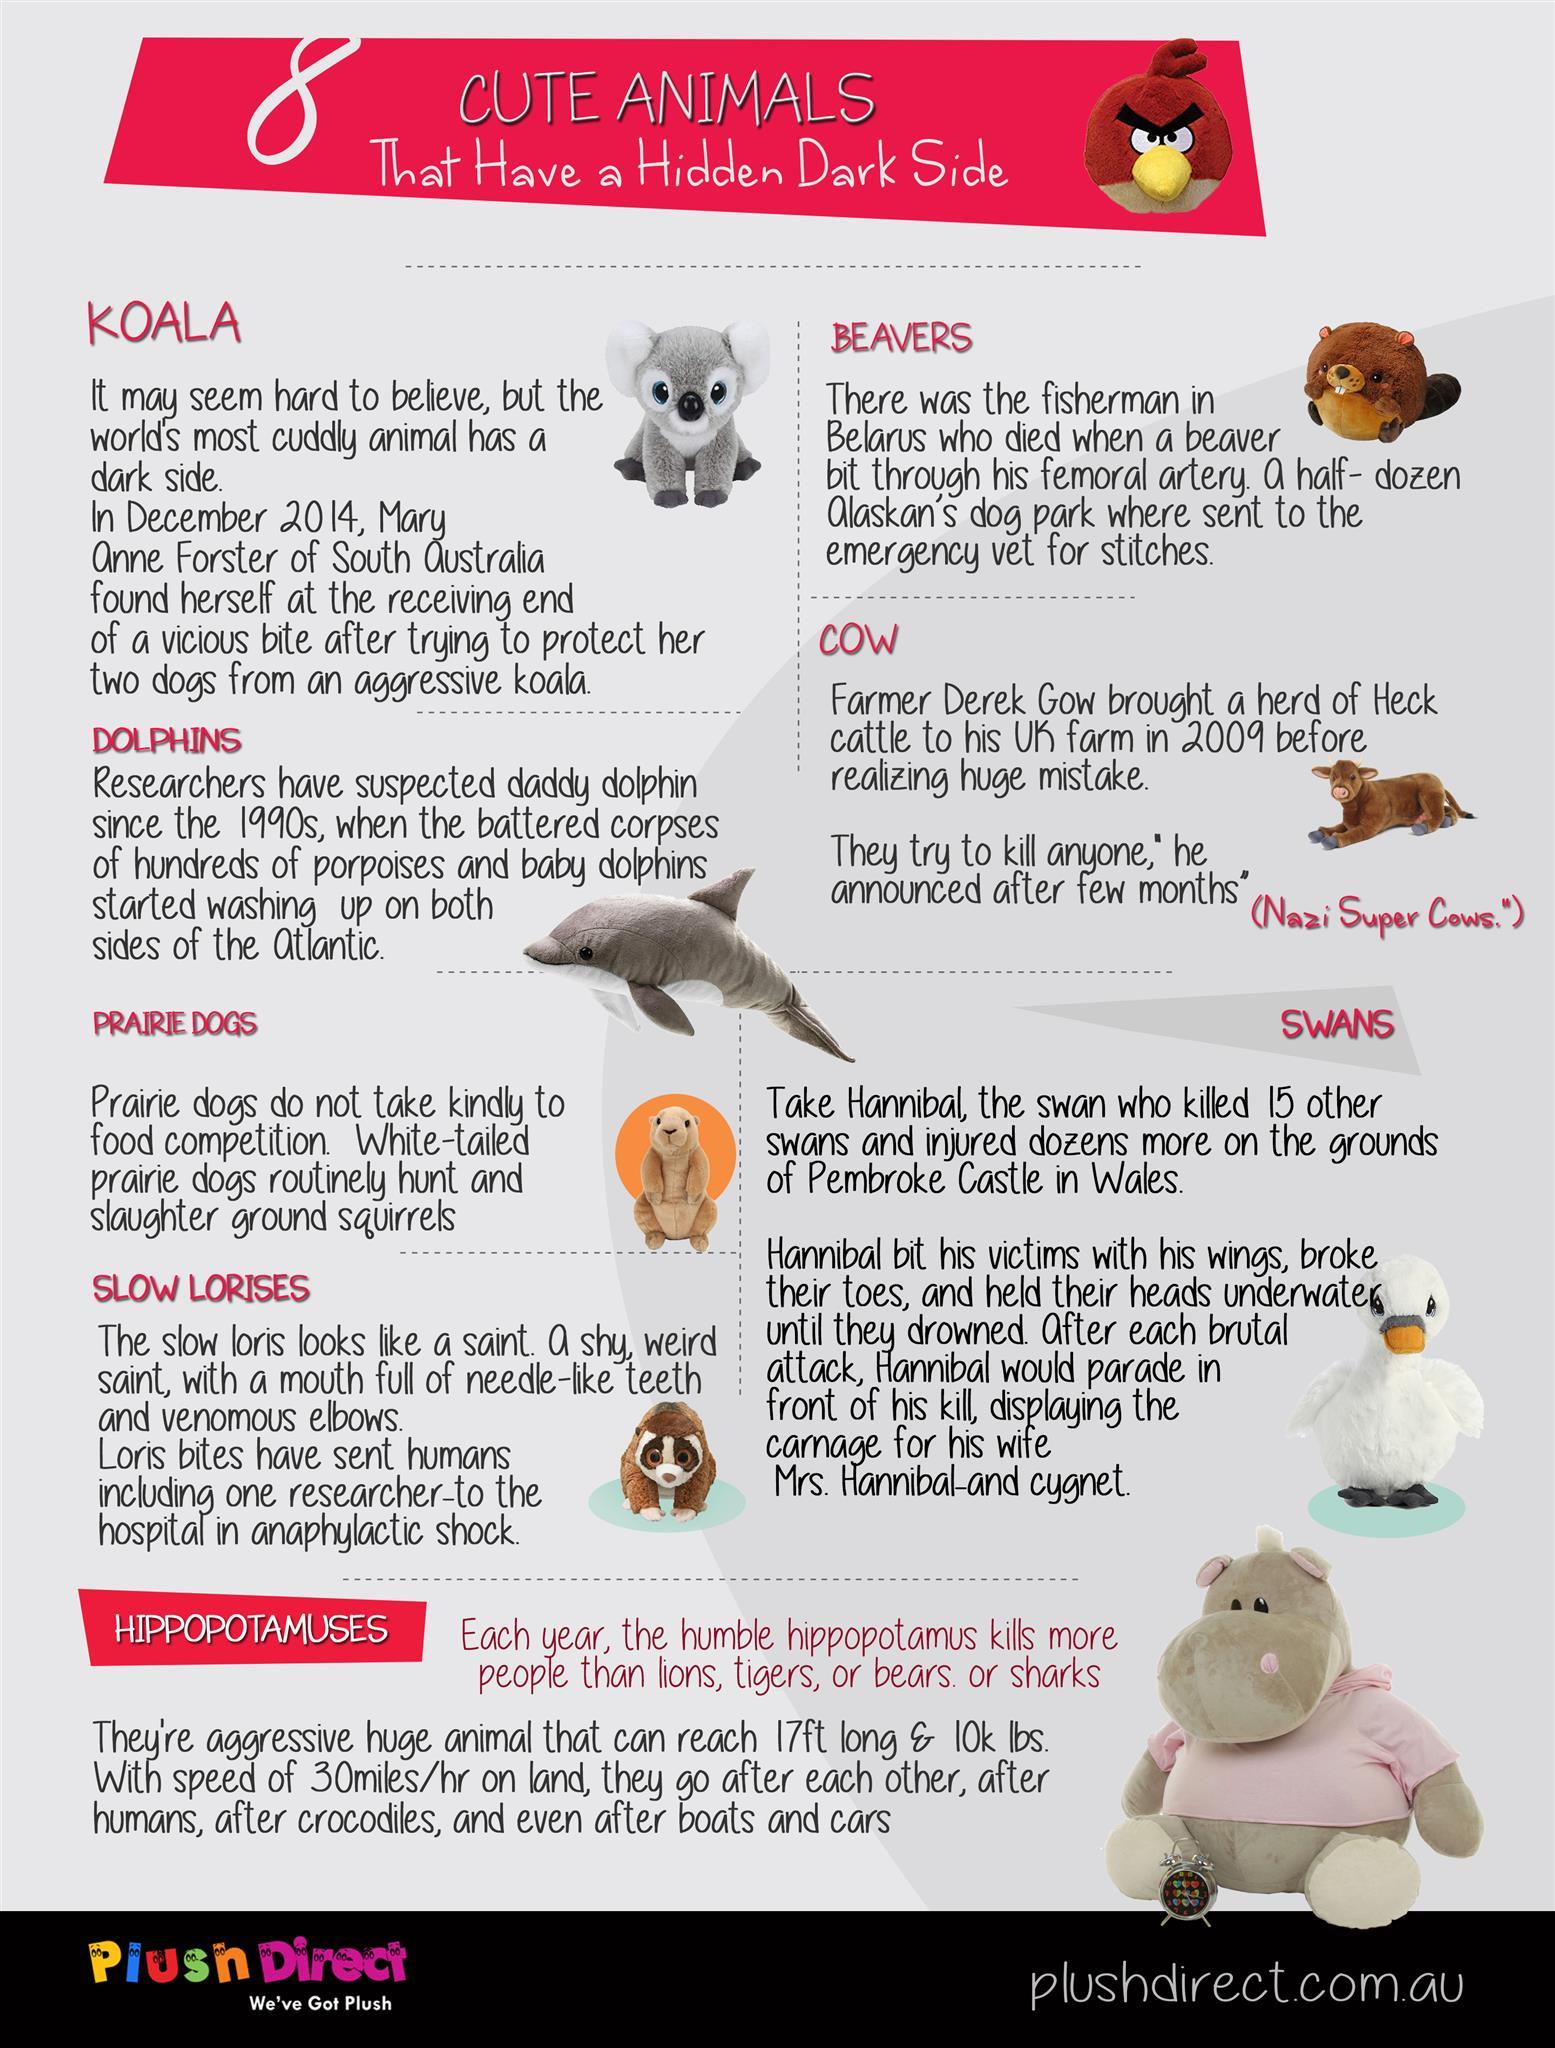 cute-animals-hidden-dark-side-infographic-plaza